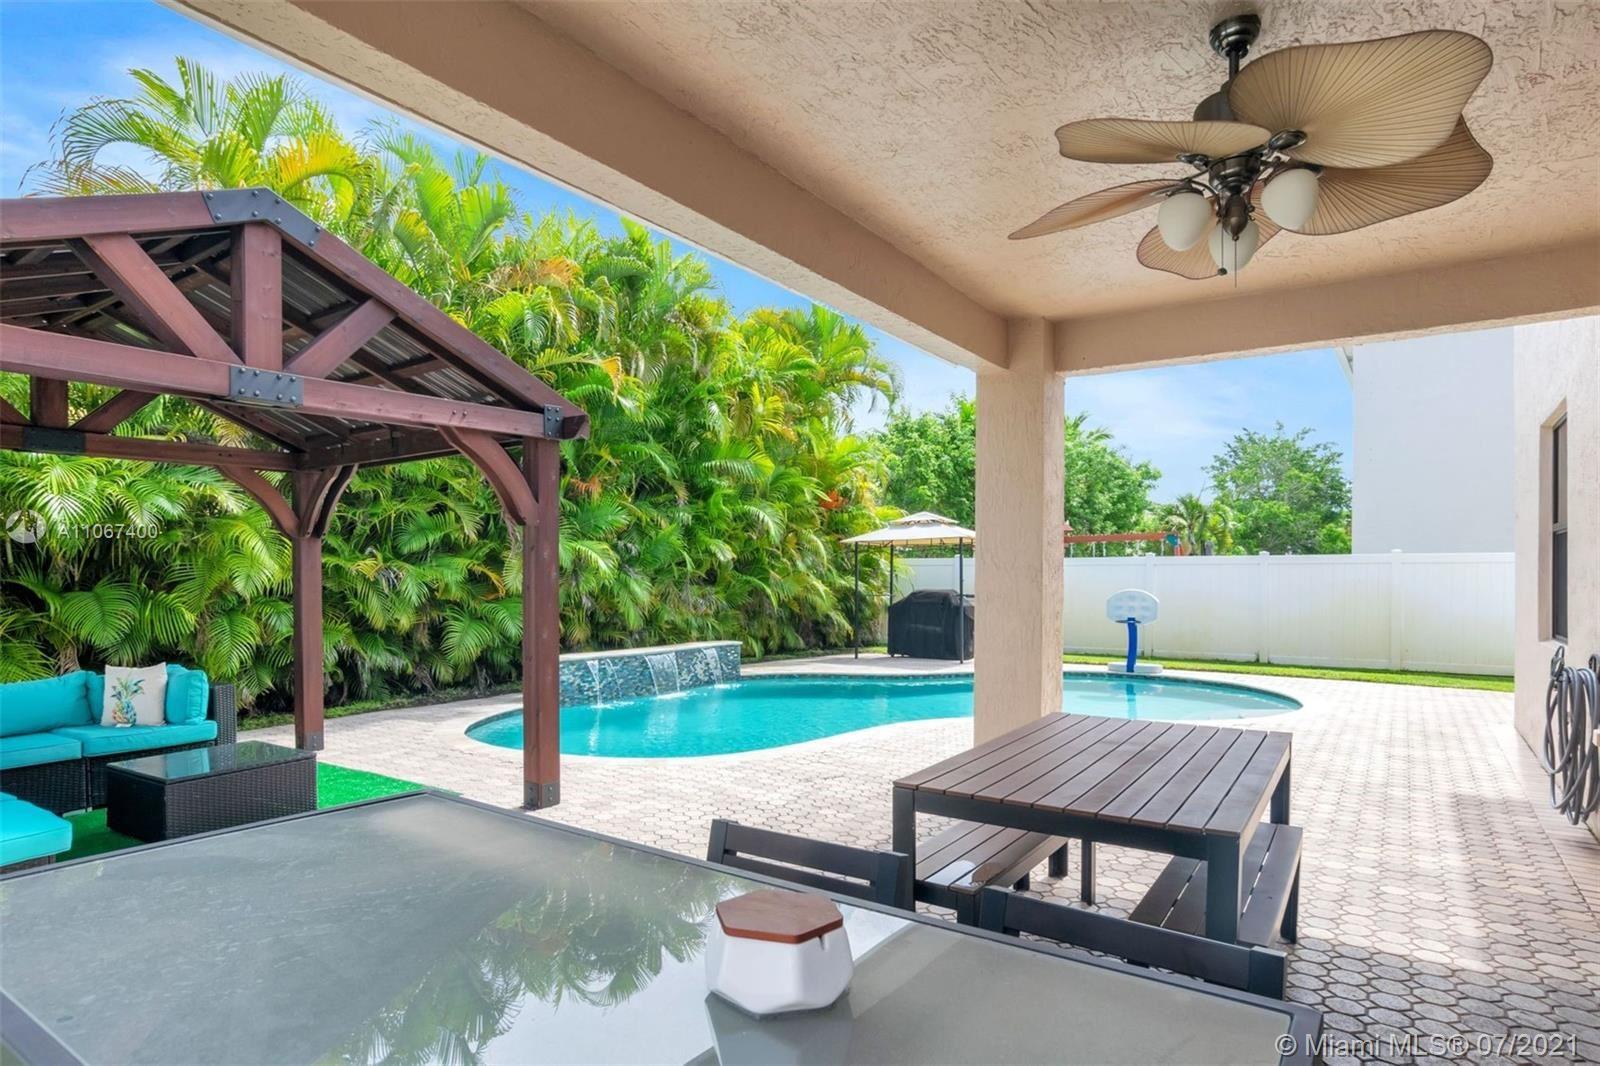 16369 SW 16th St, Pembroke Pines, FL 33027 - #: A11067400